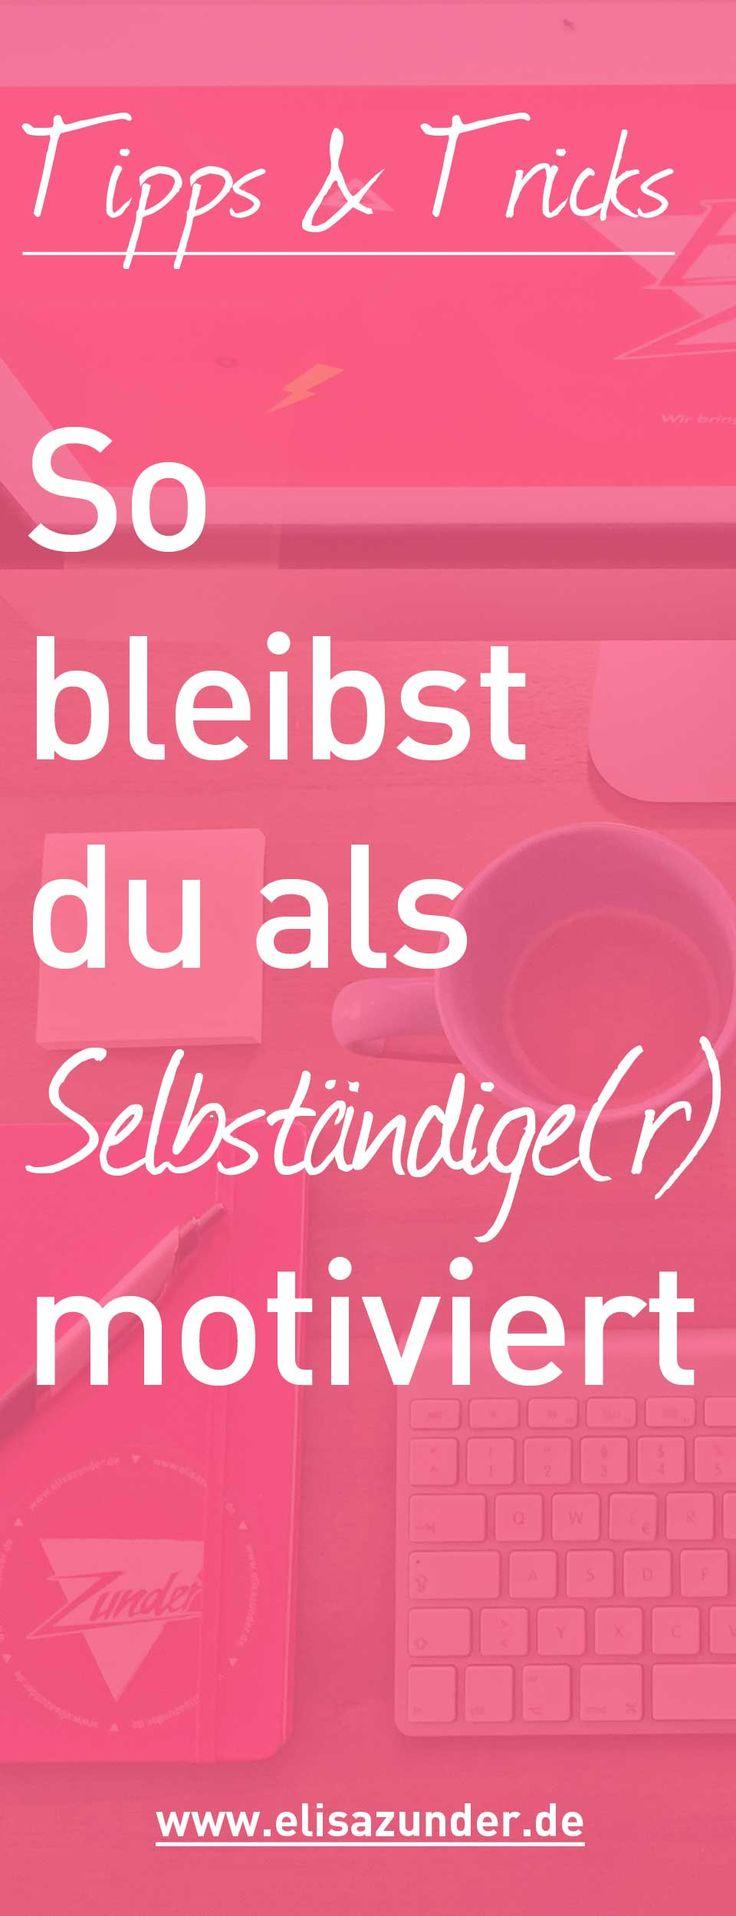 Tipps und Tricks: Als Selbstständiger motiviert bleiben, Selbstständigkeit, Business, Motivation, Tipps und Tricks für mehr Motivation, Online Business, Blogger, Unternehmen, Corporate Blogs